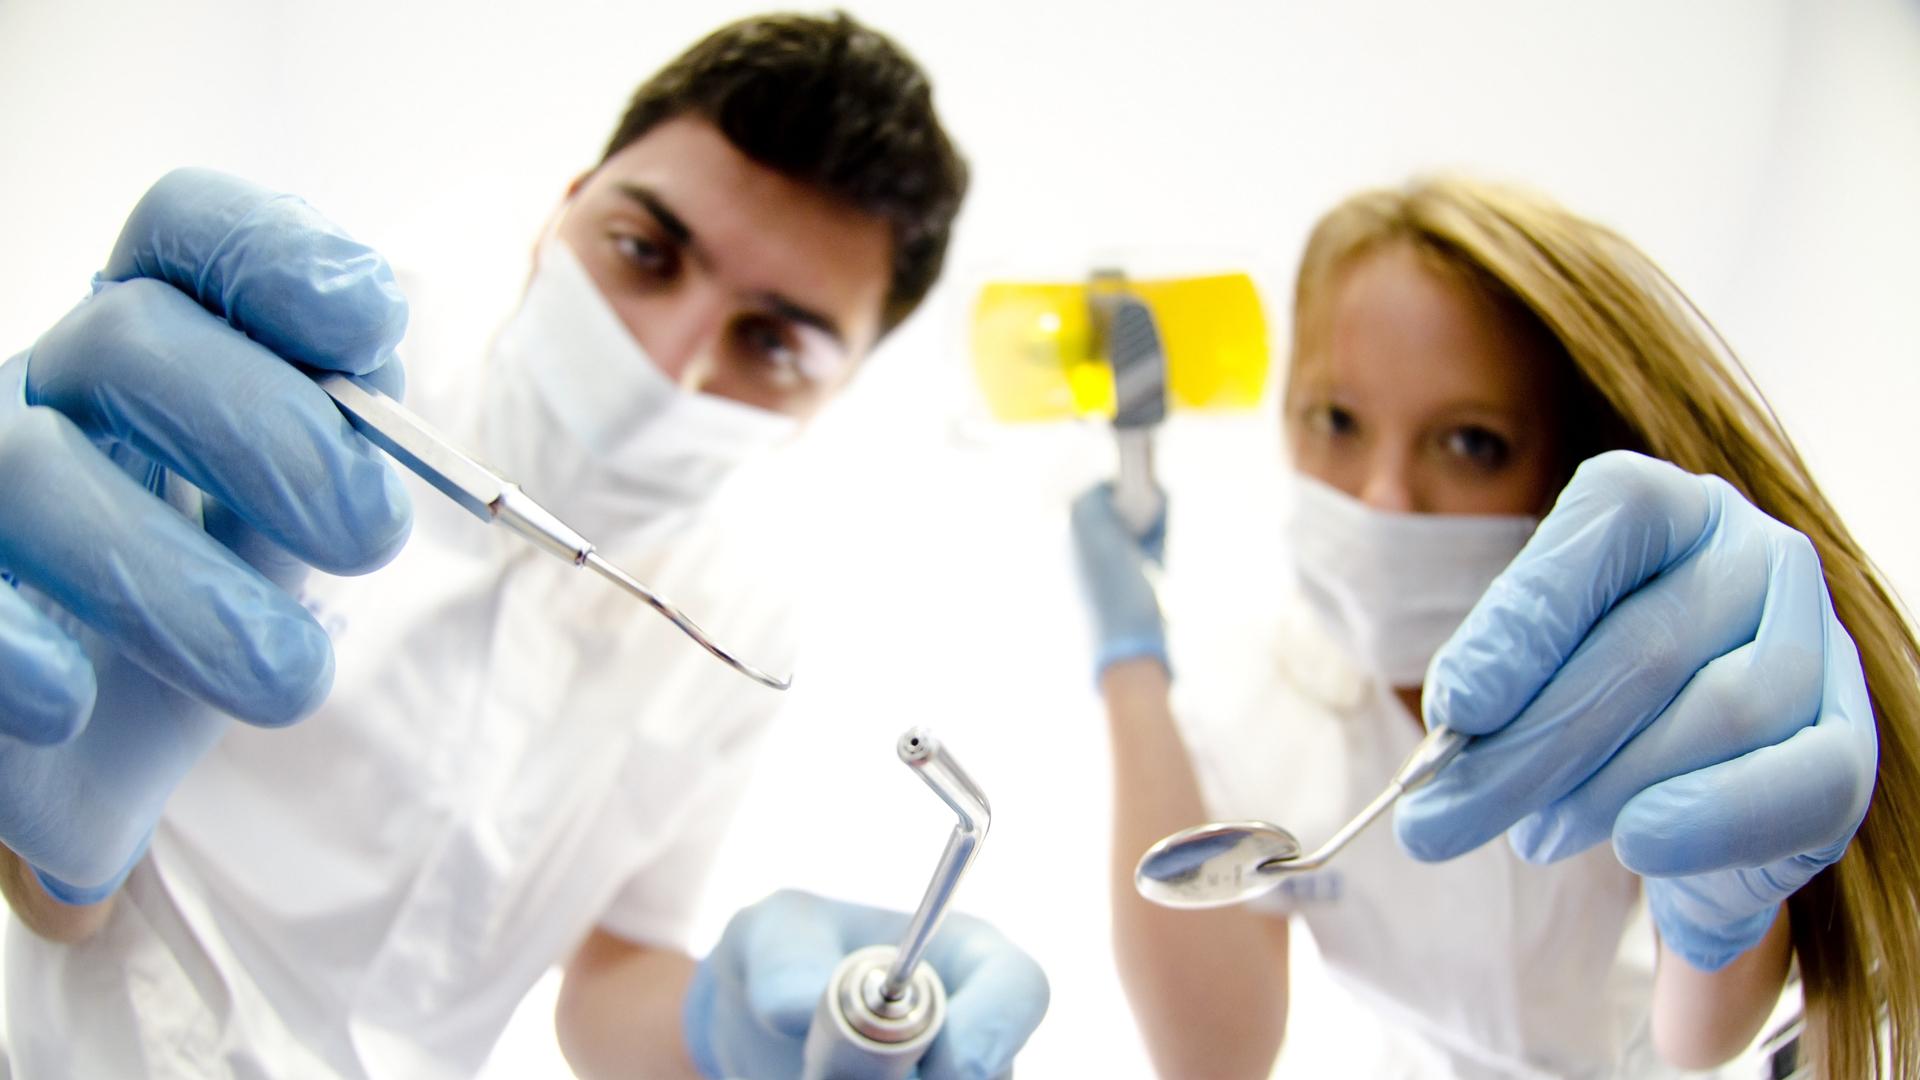 【歯医者】の4分の1が年収【200万以下】という実態に迫る